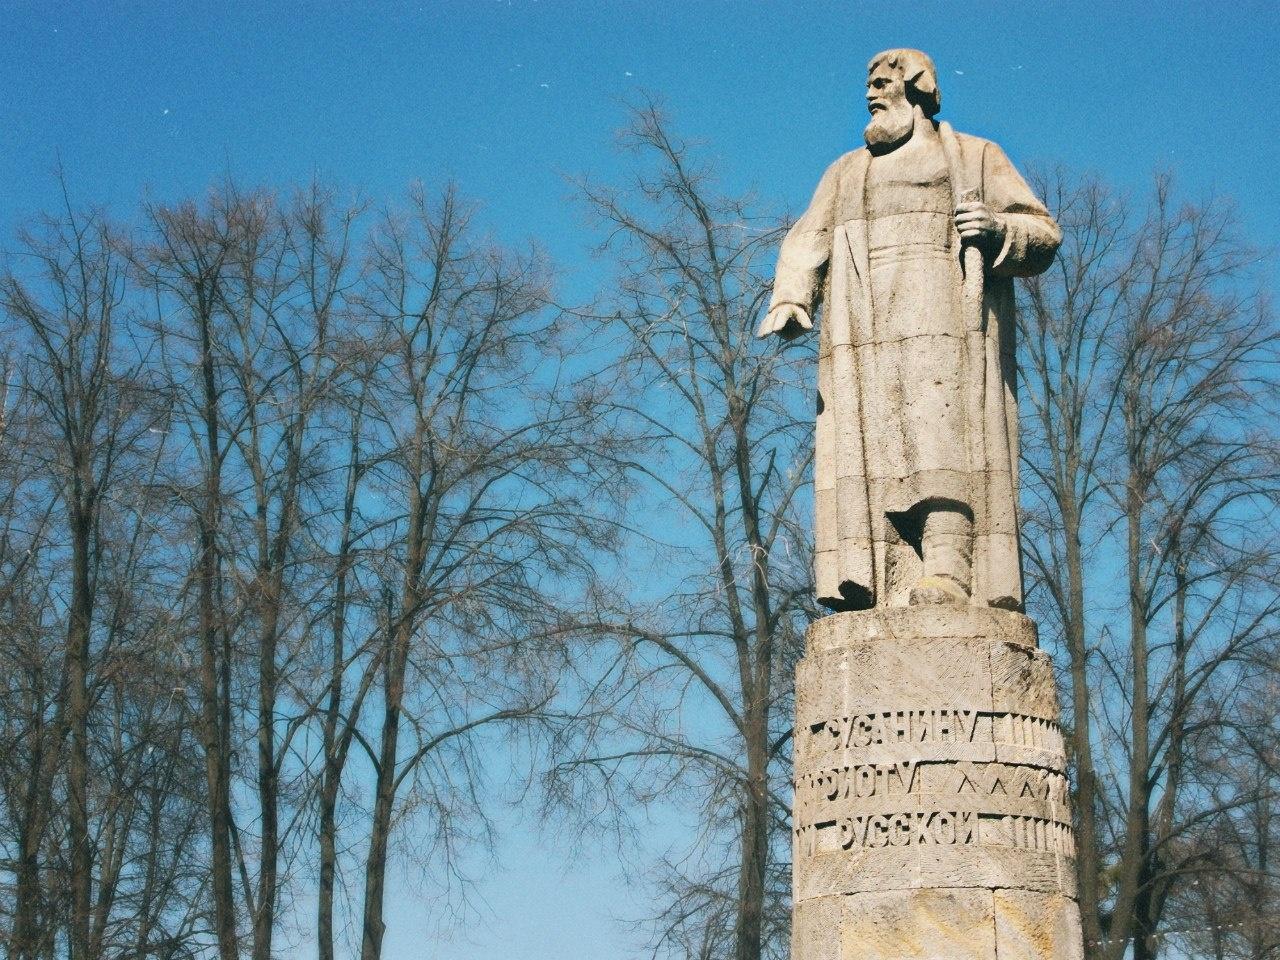 Есть ли памятник ивану сусанину в костроме памятники из гранита двойные с ангелом